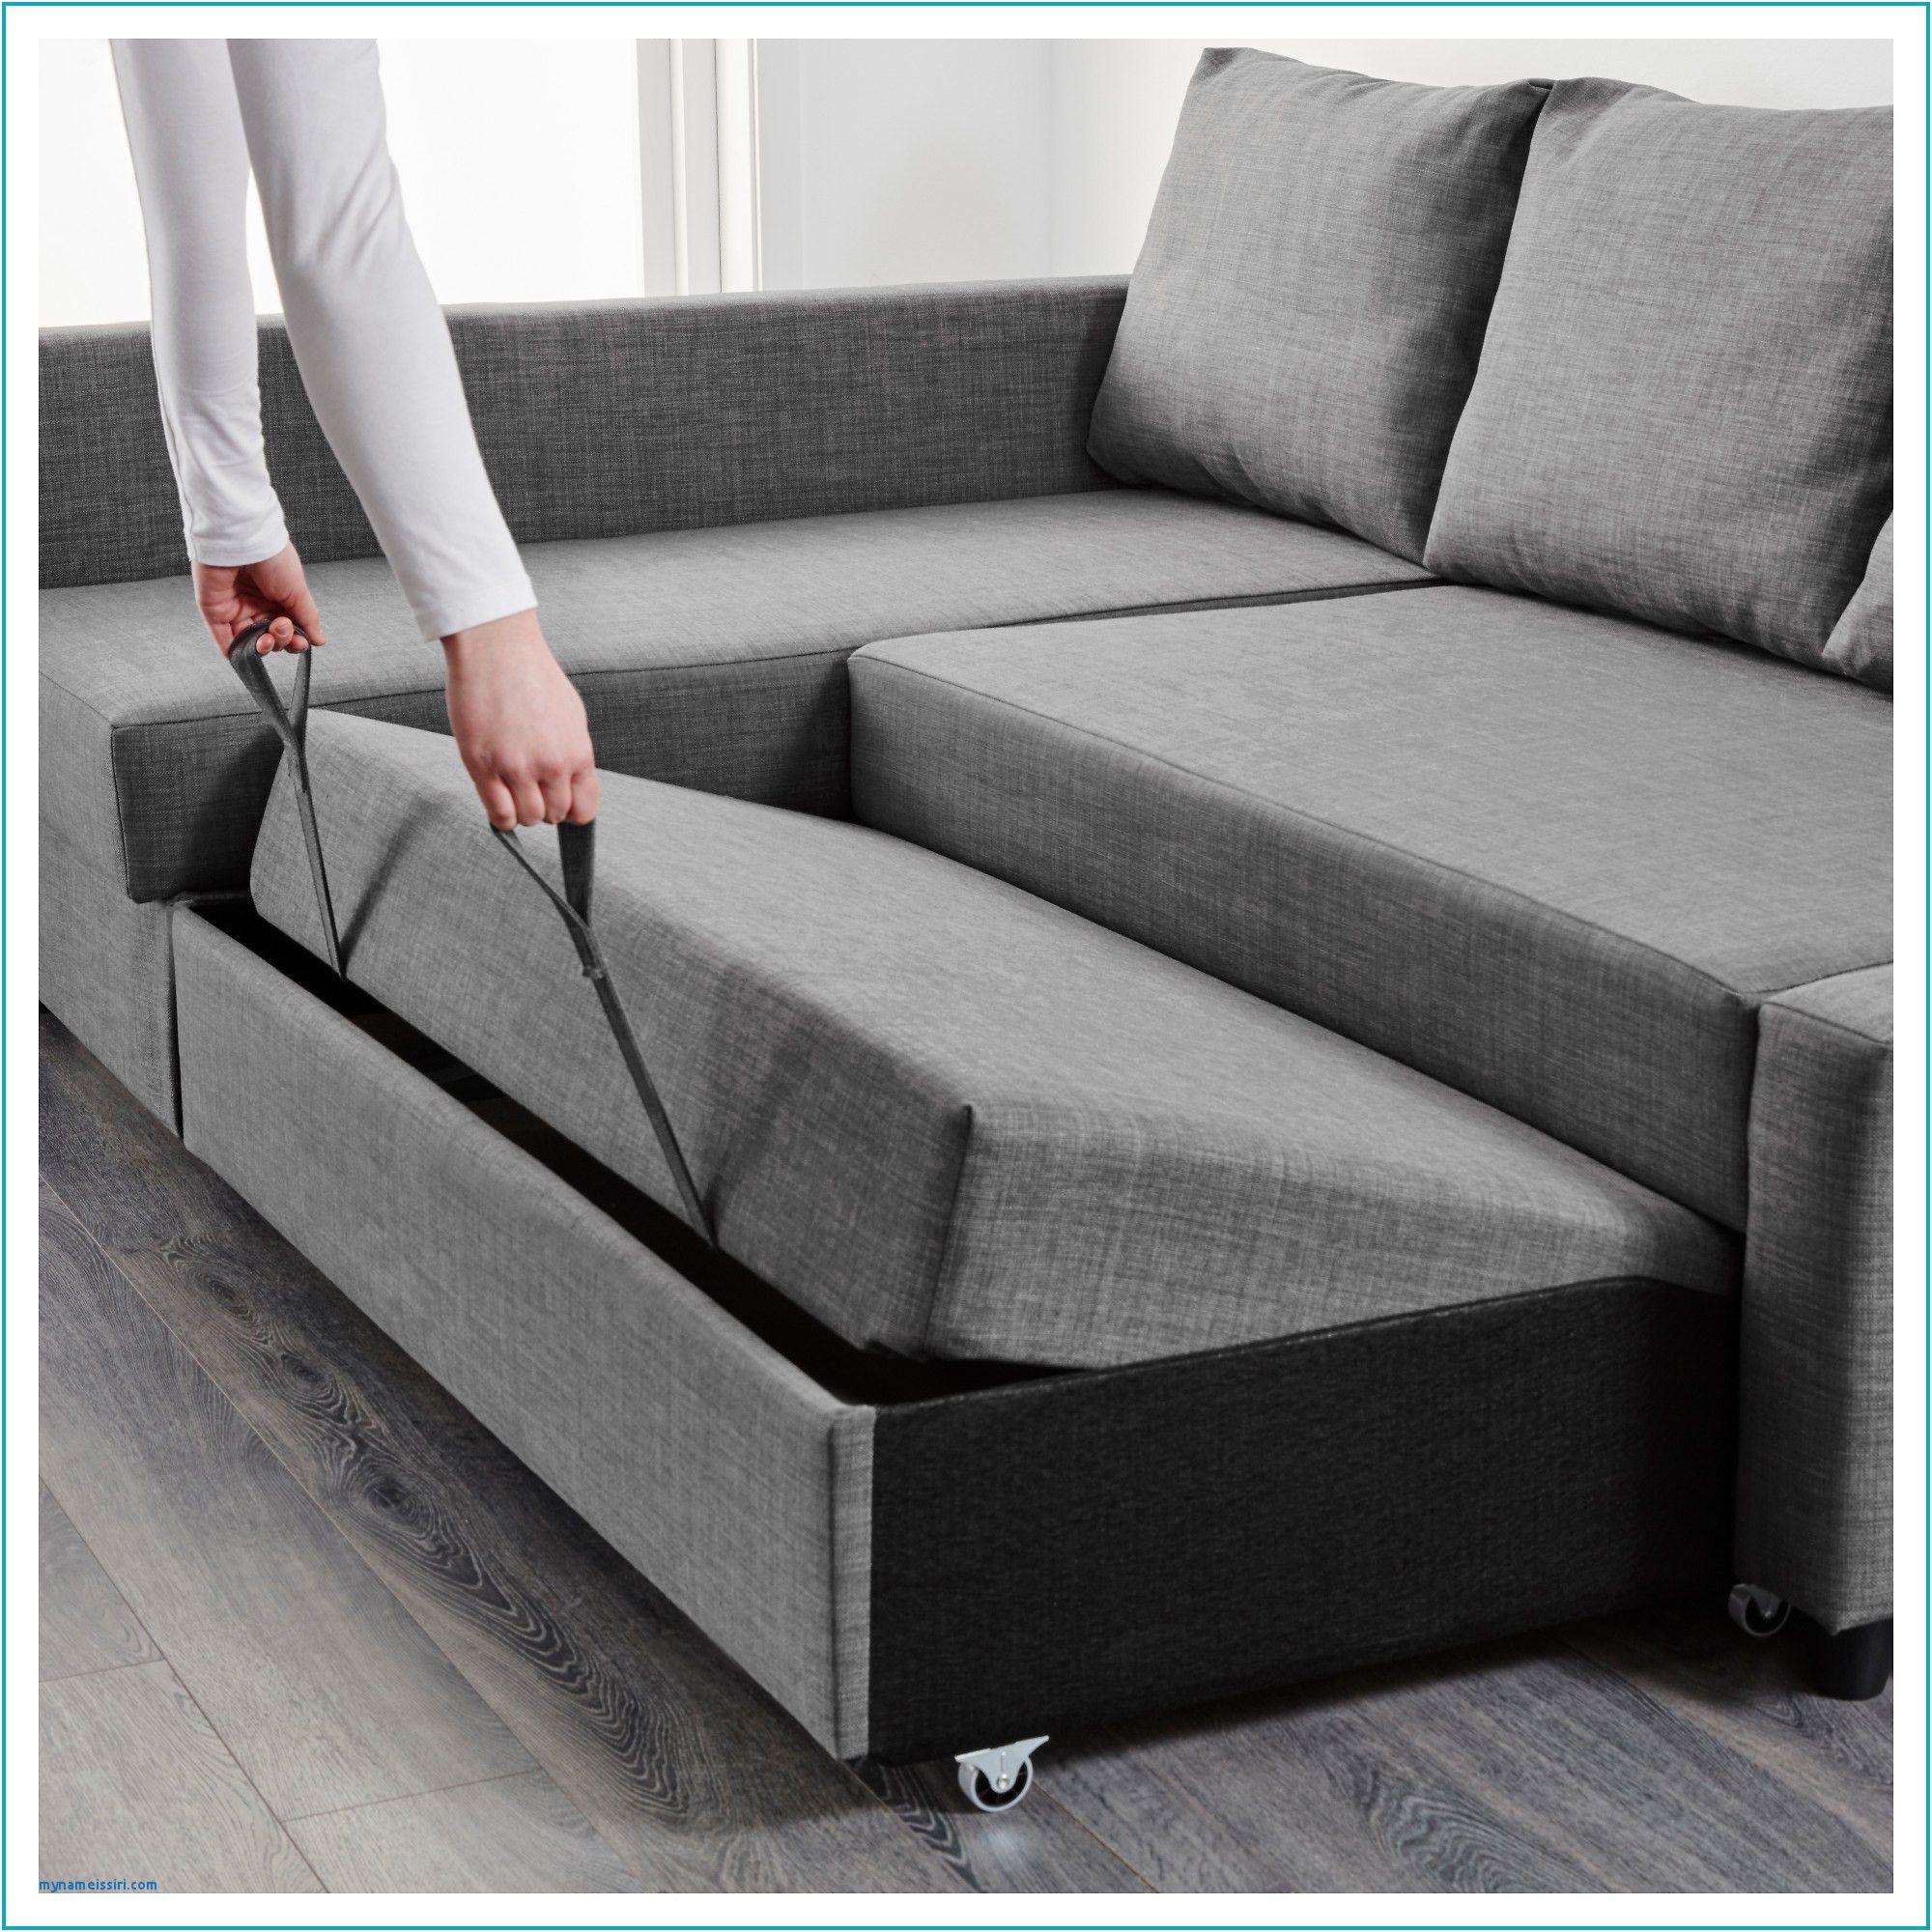 Full Size of Neu Couch Billig Kaufen Storage Sofa Zweisitzer Kissen Verkaufen Für Esstisch 2 5 Sitzer Sitzsack Schlaffunktion Küche Günstig Impressionen Ikea Kosten Wohnzimmer Sofa Kaufen Ikea